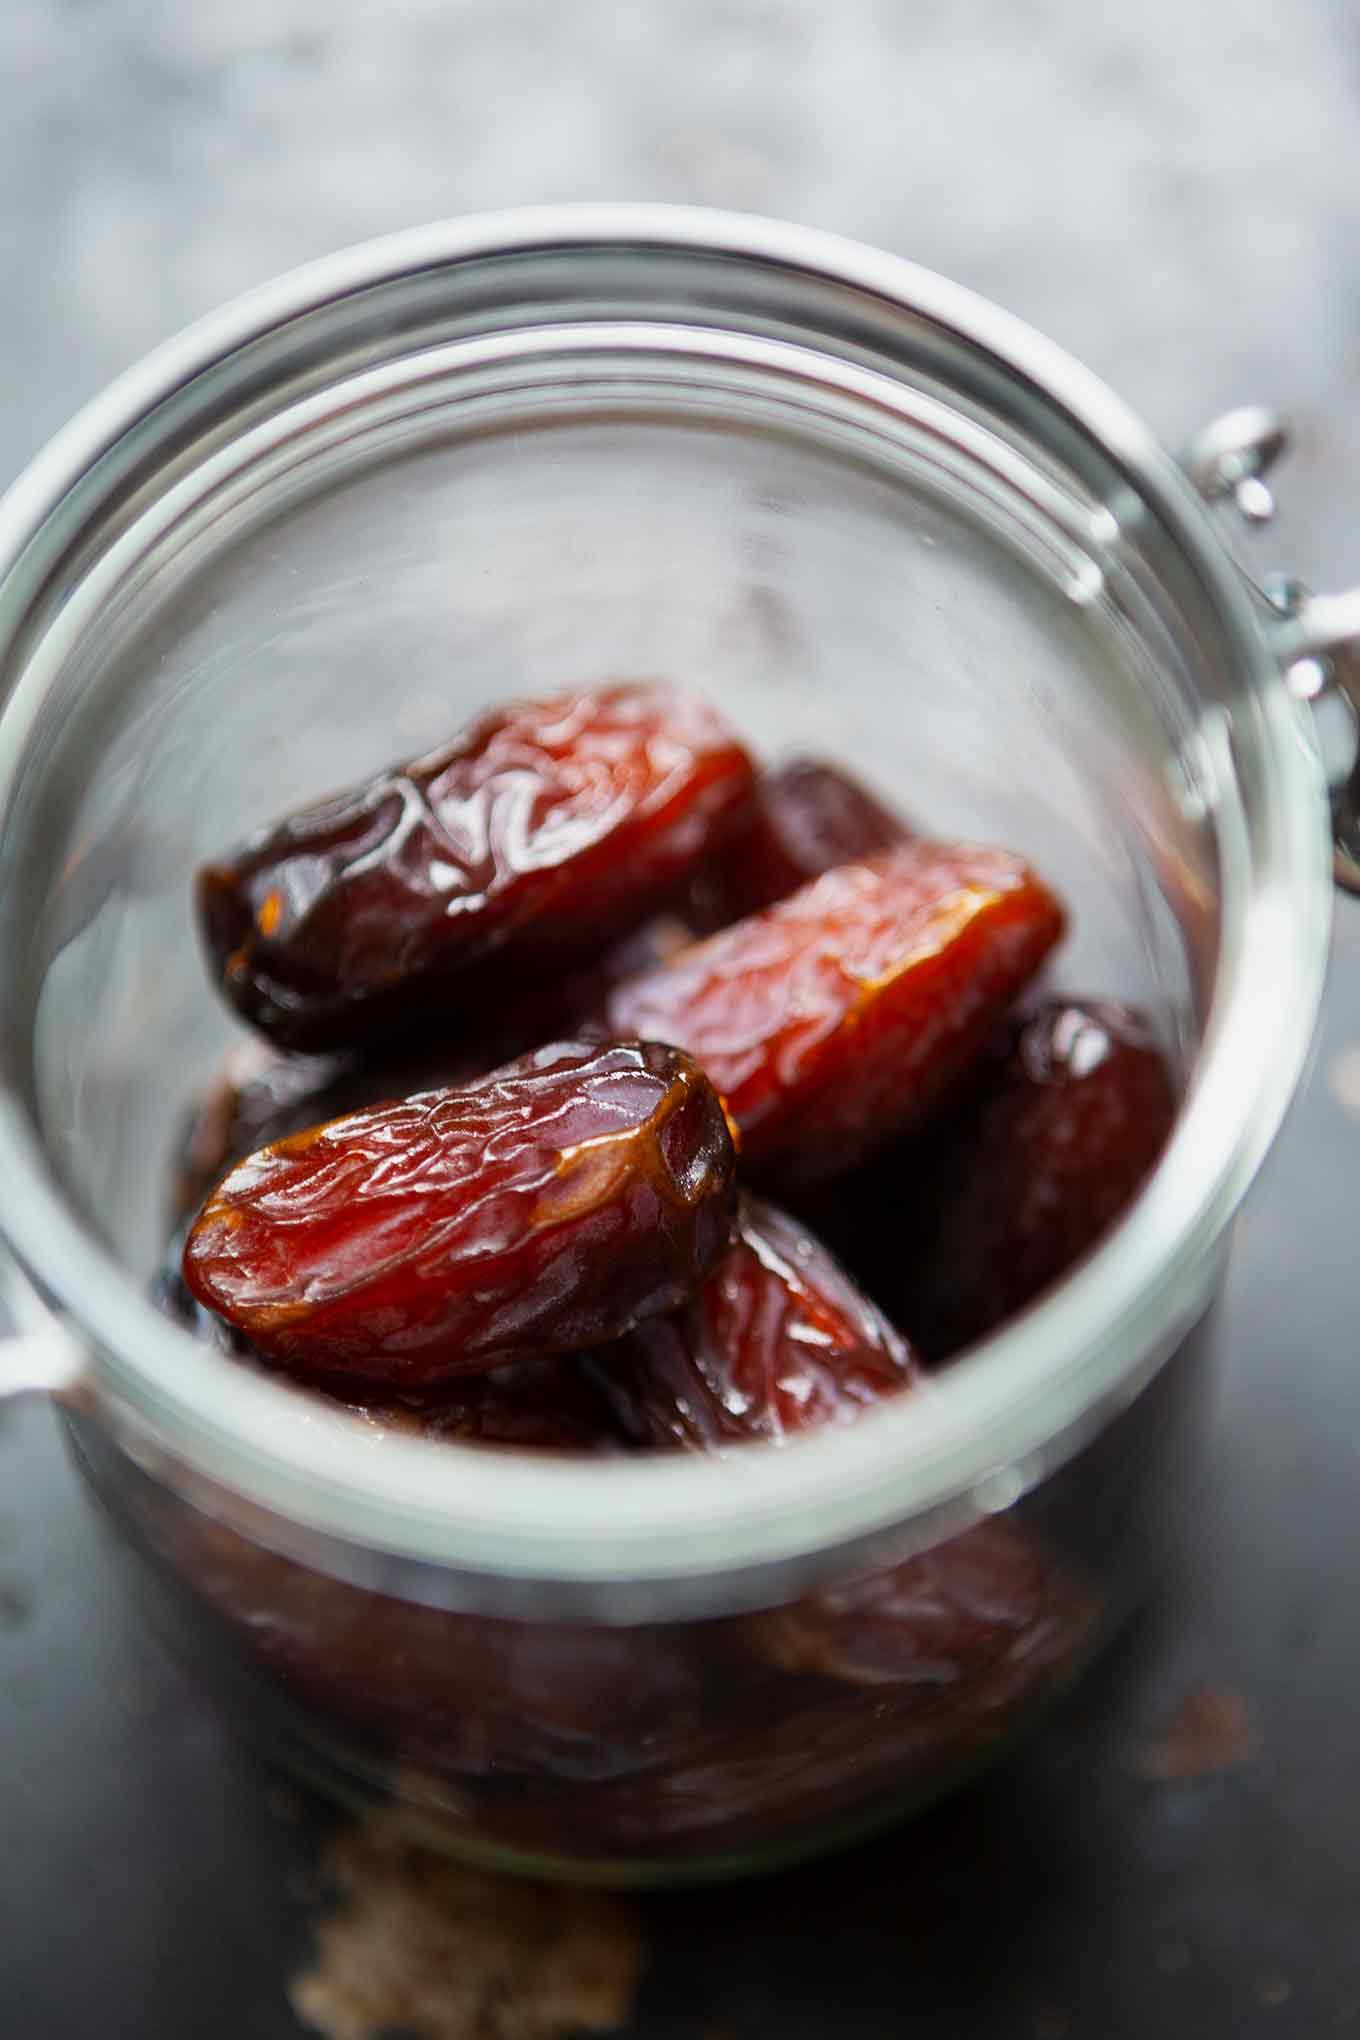 2-Zutaten Medjool Datteln mit Erdnussbutter. Mein liebster einfacher, gesunder und natürlich süßer Snack für zwischendurch! - Kochkarussell.com #medjooldatteln #snack #gesund #schnellundeinfach